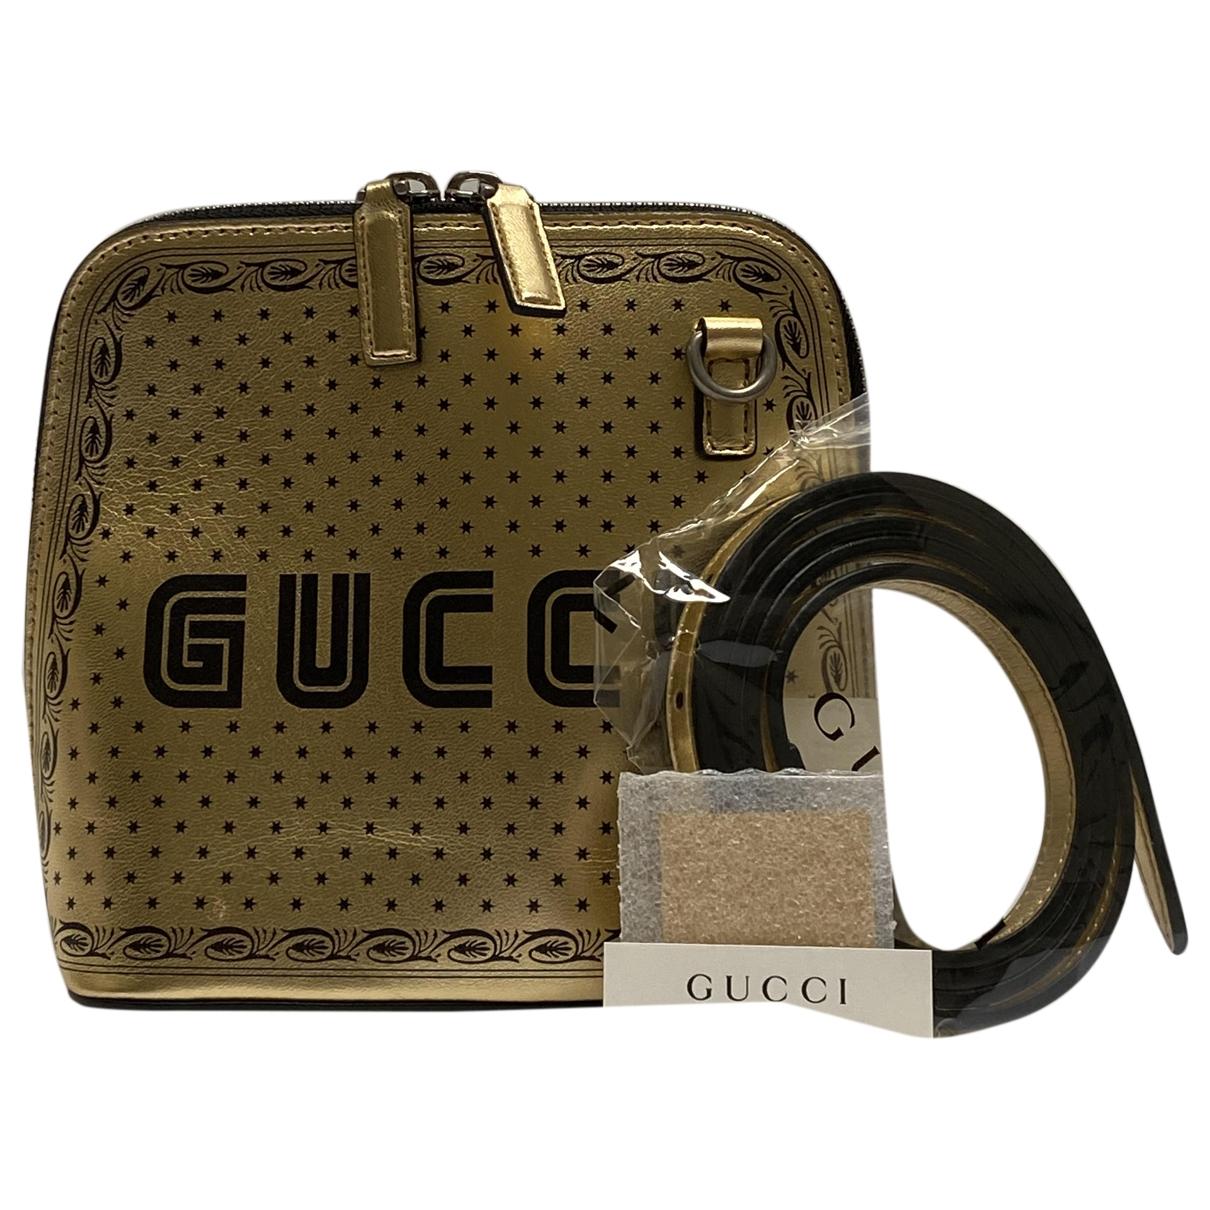 Gucci - Sac a main Guccy minibag pour femme en cuir - dore